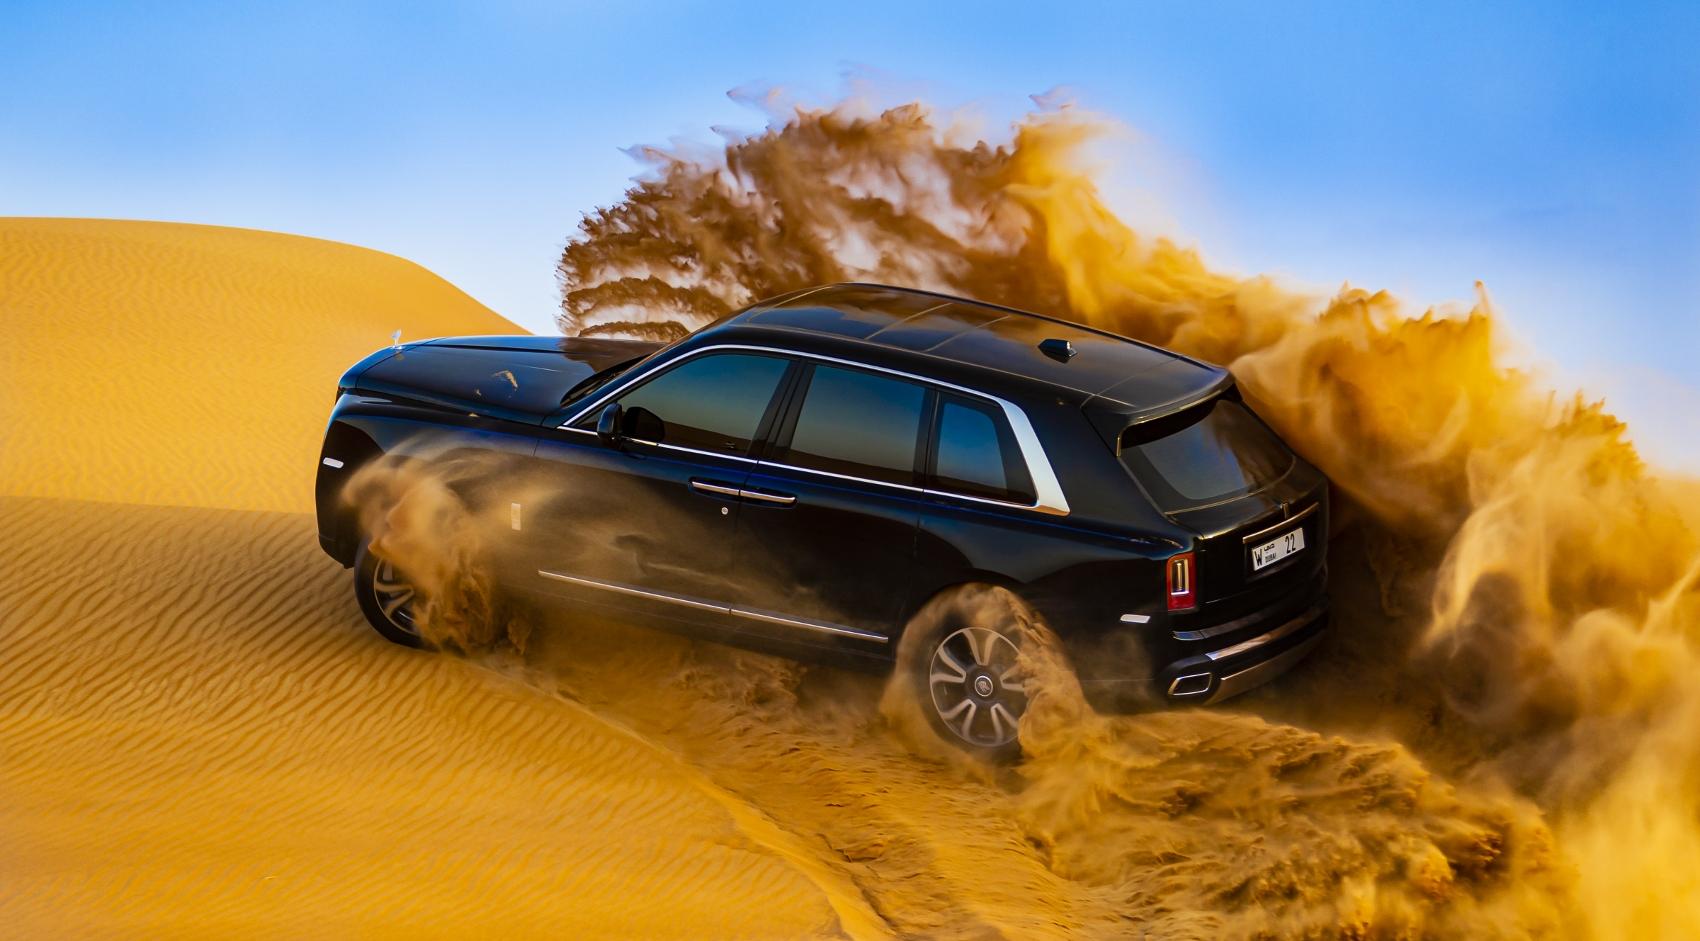 Rolls Royce Cullinan sa predviedol na púšti. Pozrite si foto aj video X9qv0GYKQq rolls-royce-cullina